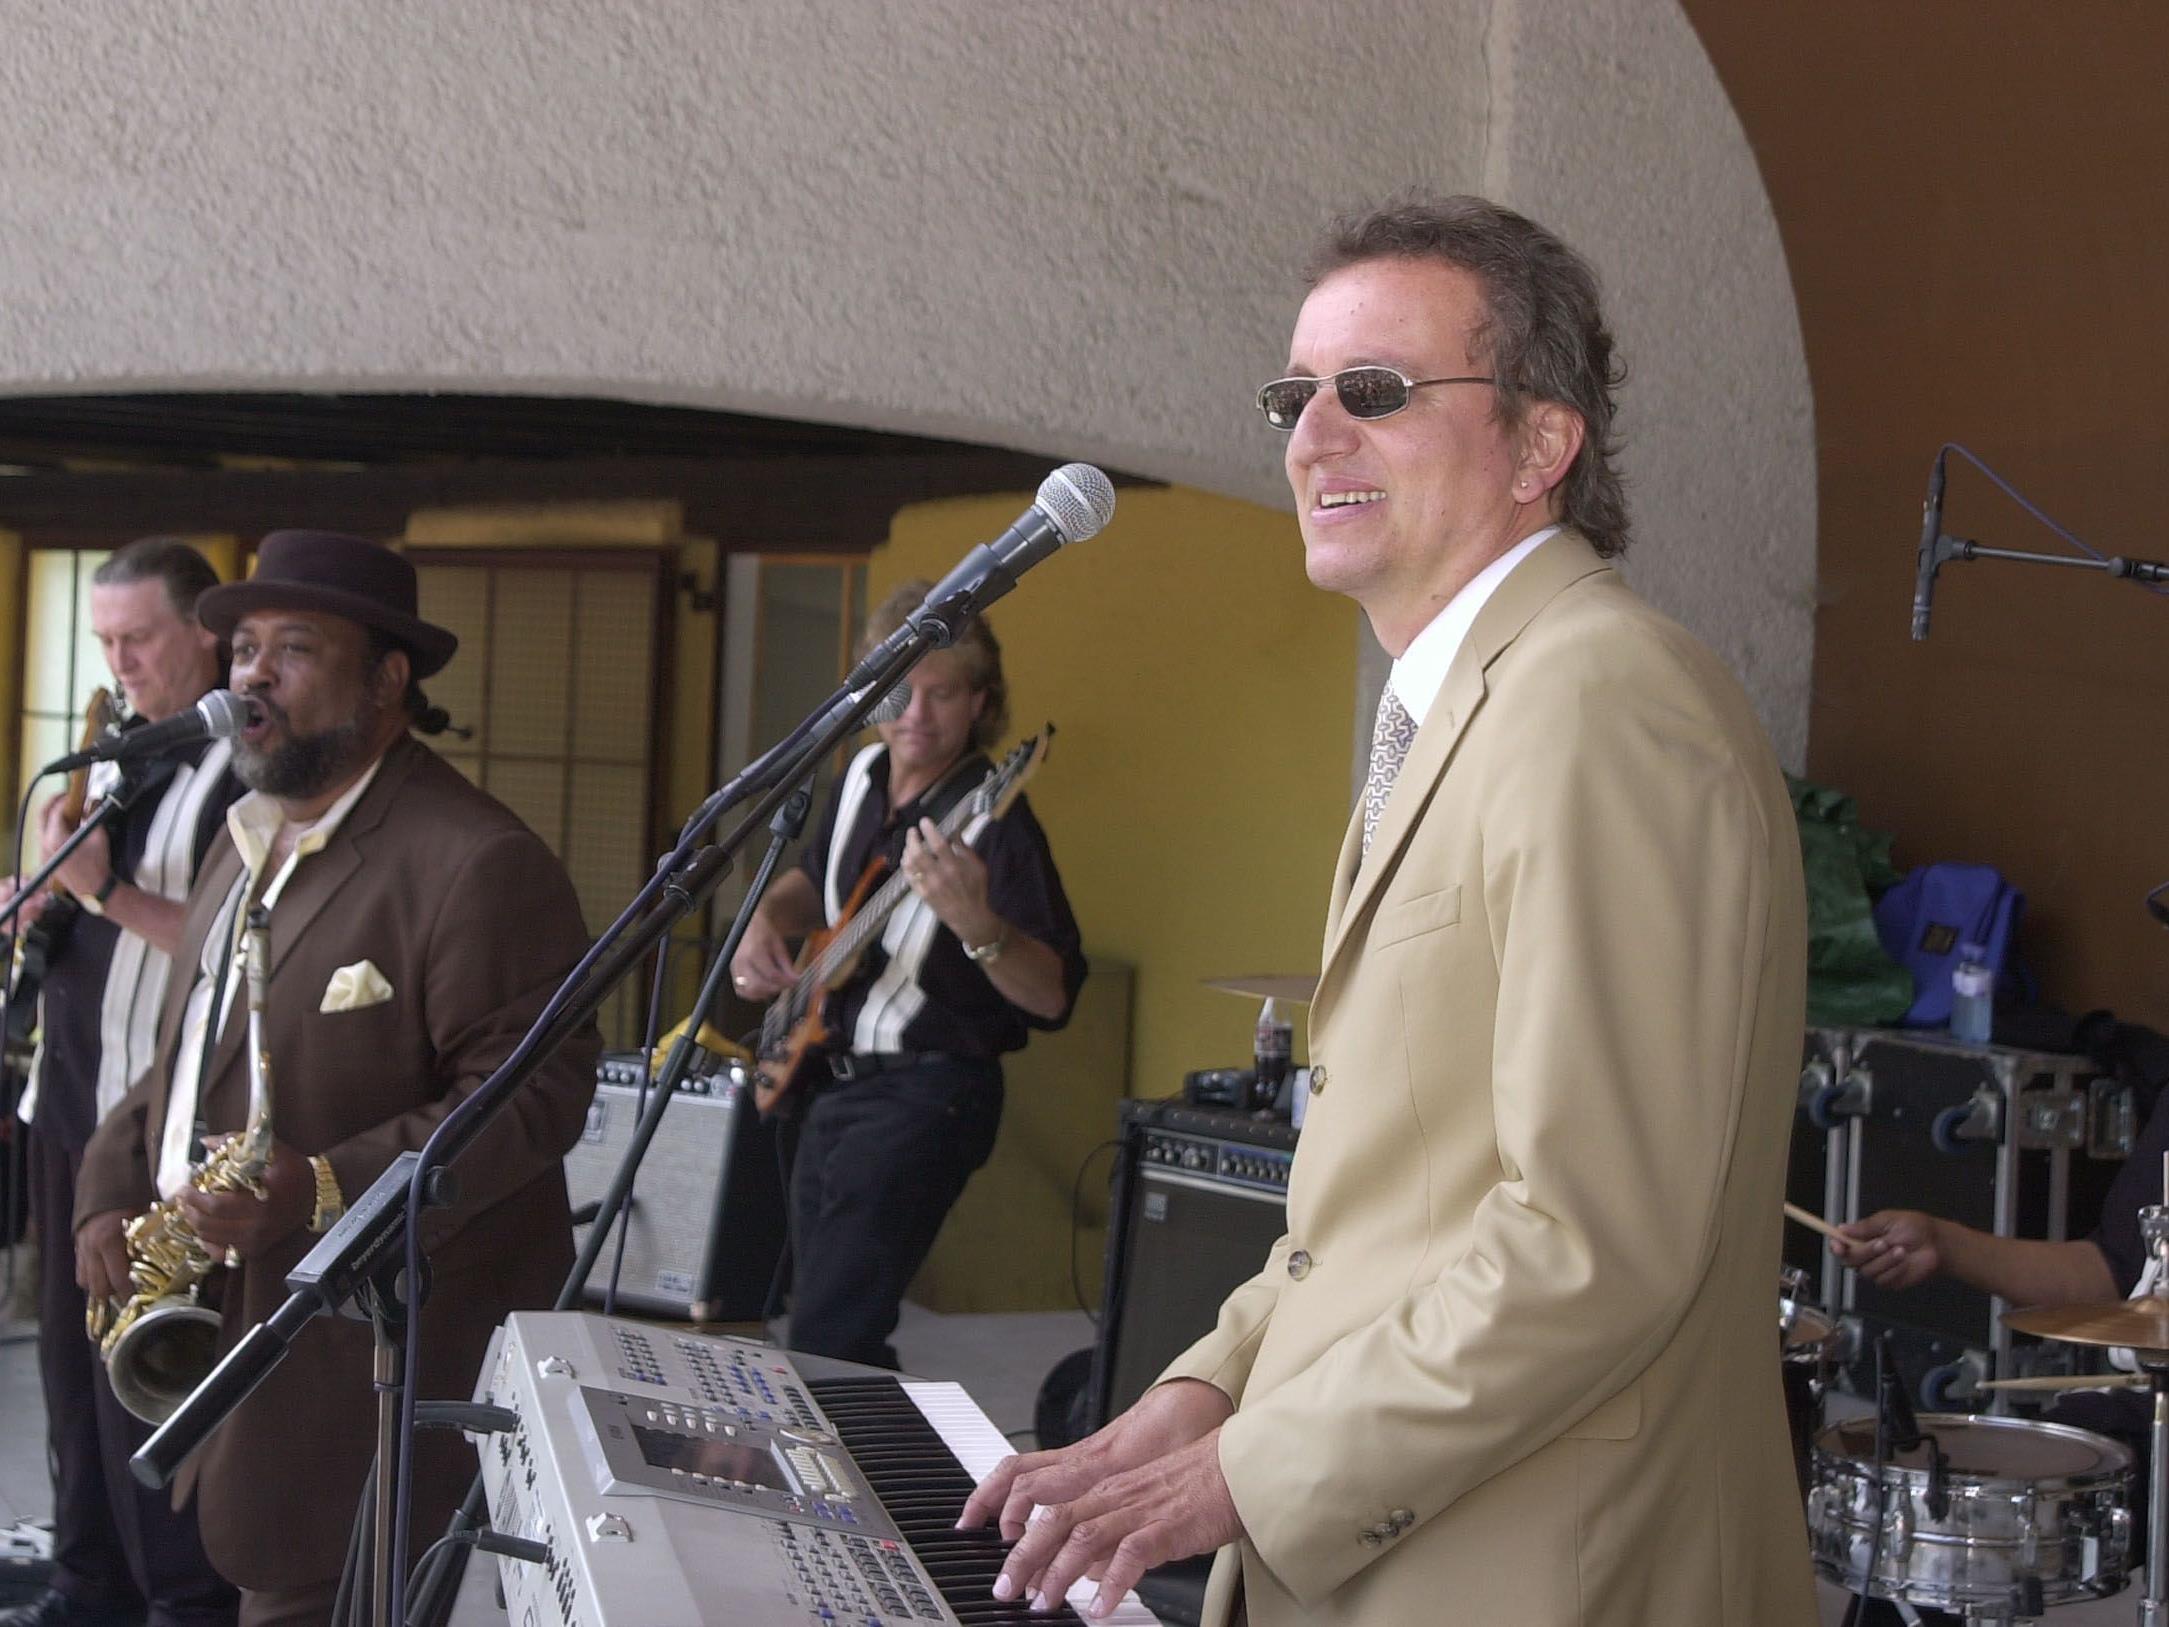 Festivalleiter Markus Linder bei einem seiner Auftritte mit Chucky C. Elam.